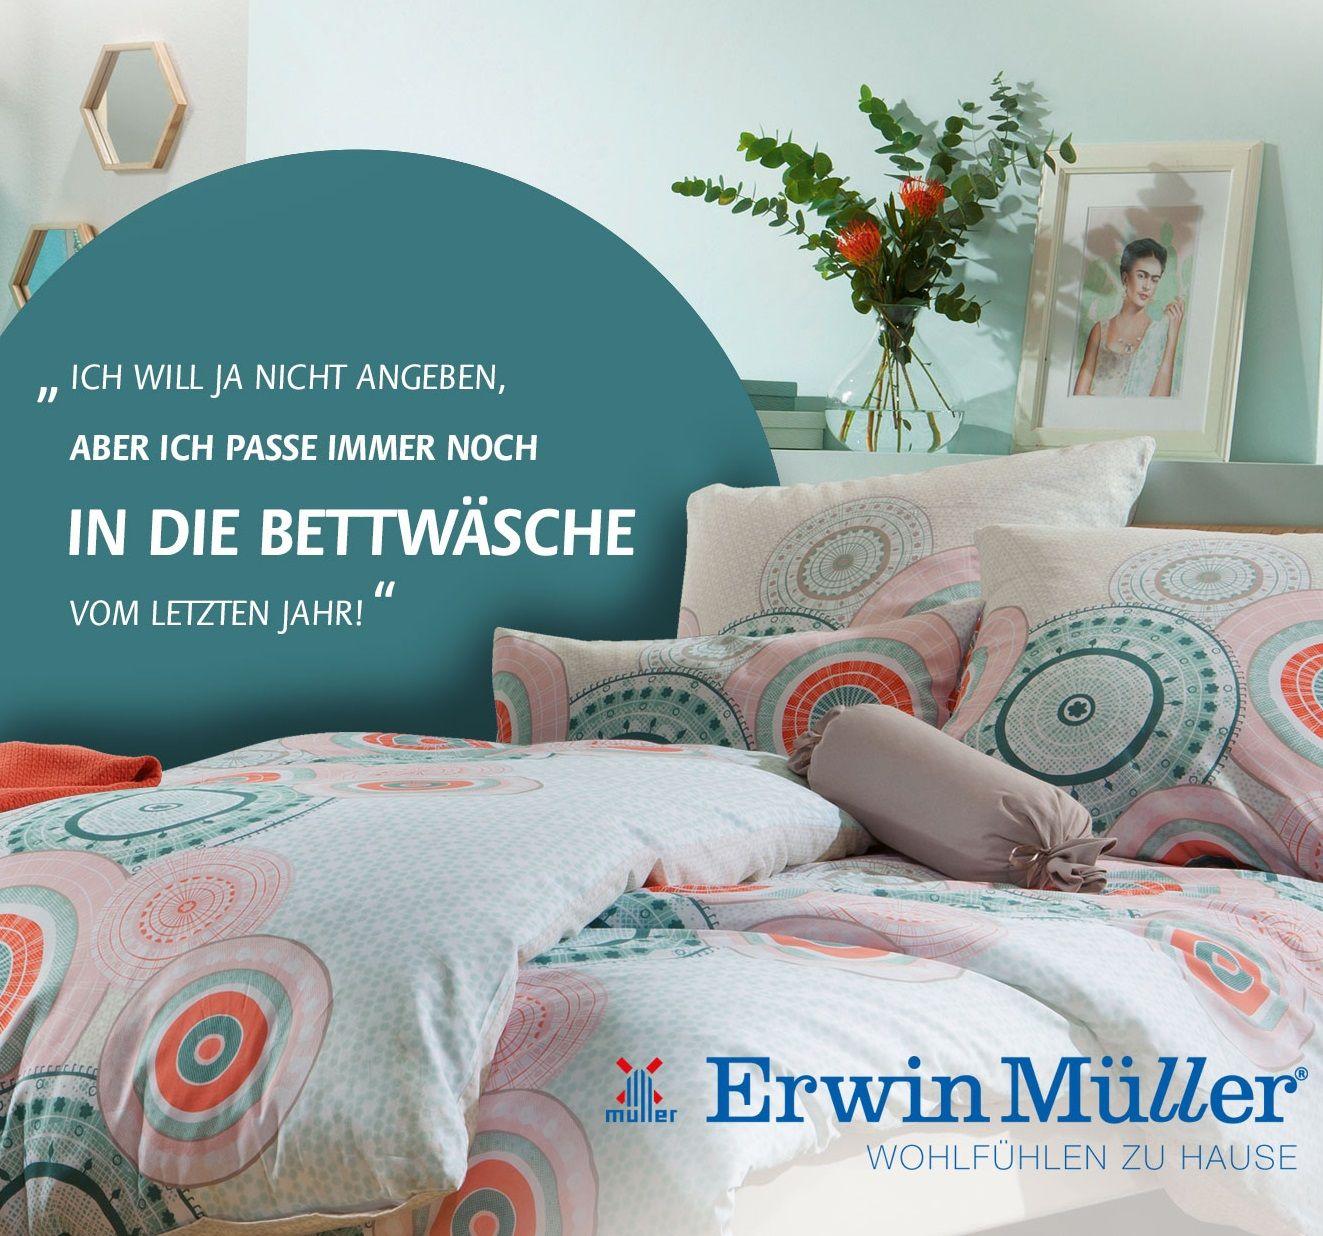 Full Size of Bettwäsche Sprüche Bettwäsche Lustige Sprüche Bettwäsche 135x200 Sprüche Bettwäsche 155x220 Sprüche Küche Bettwäsche Sprüche